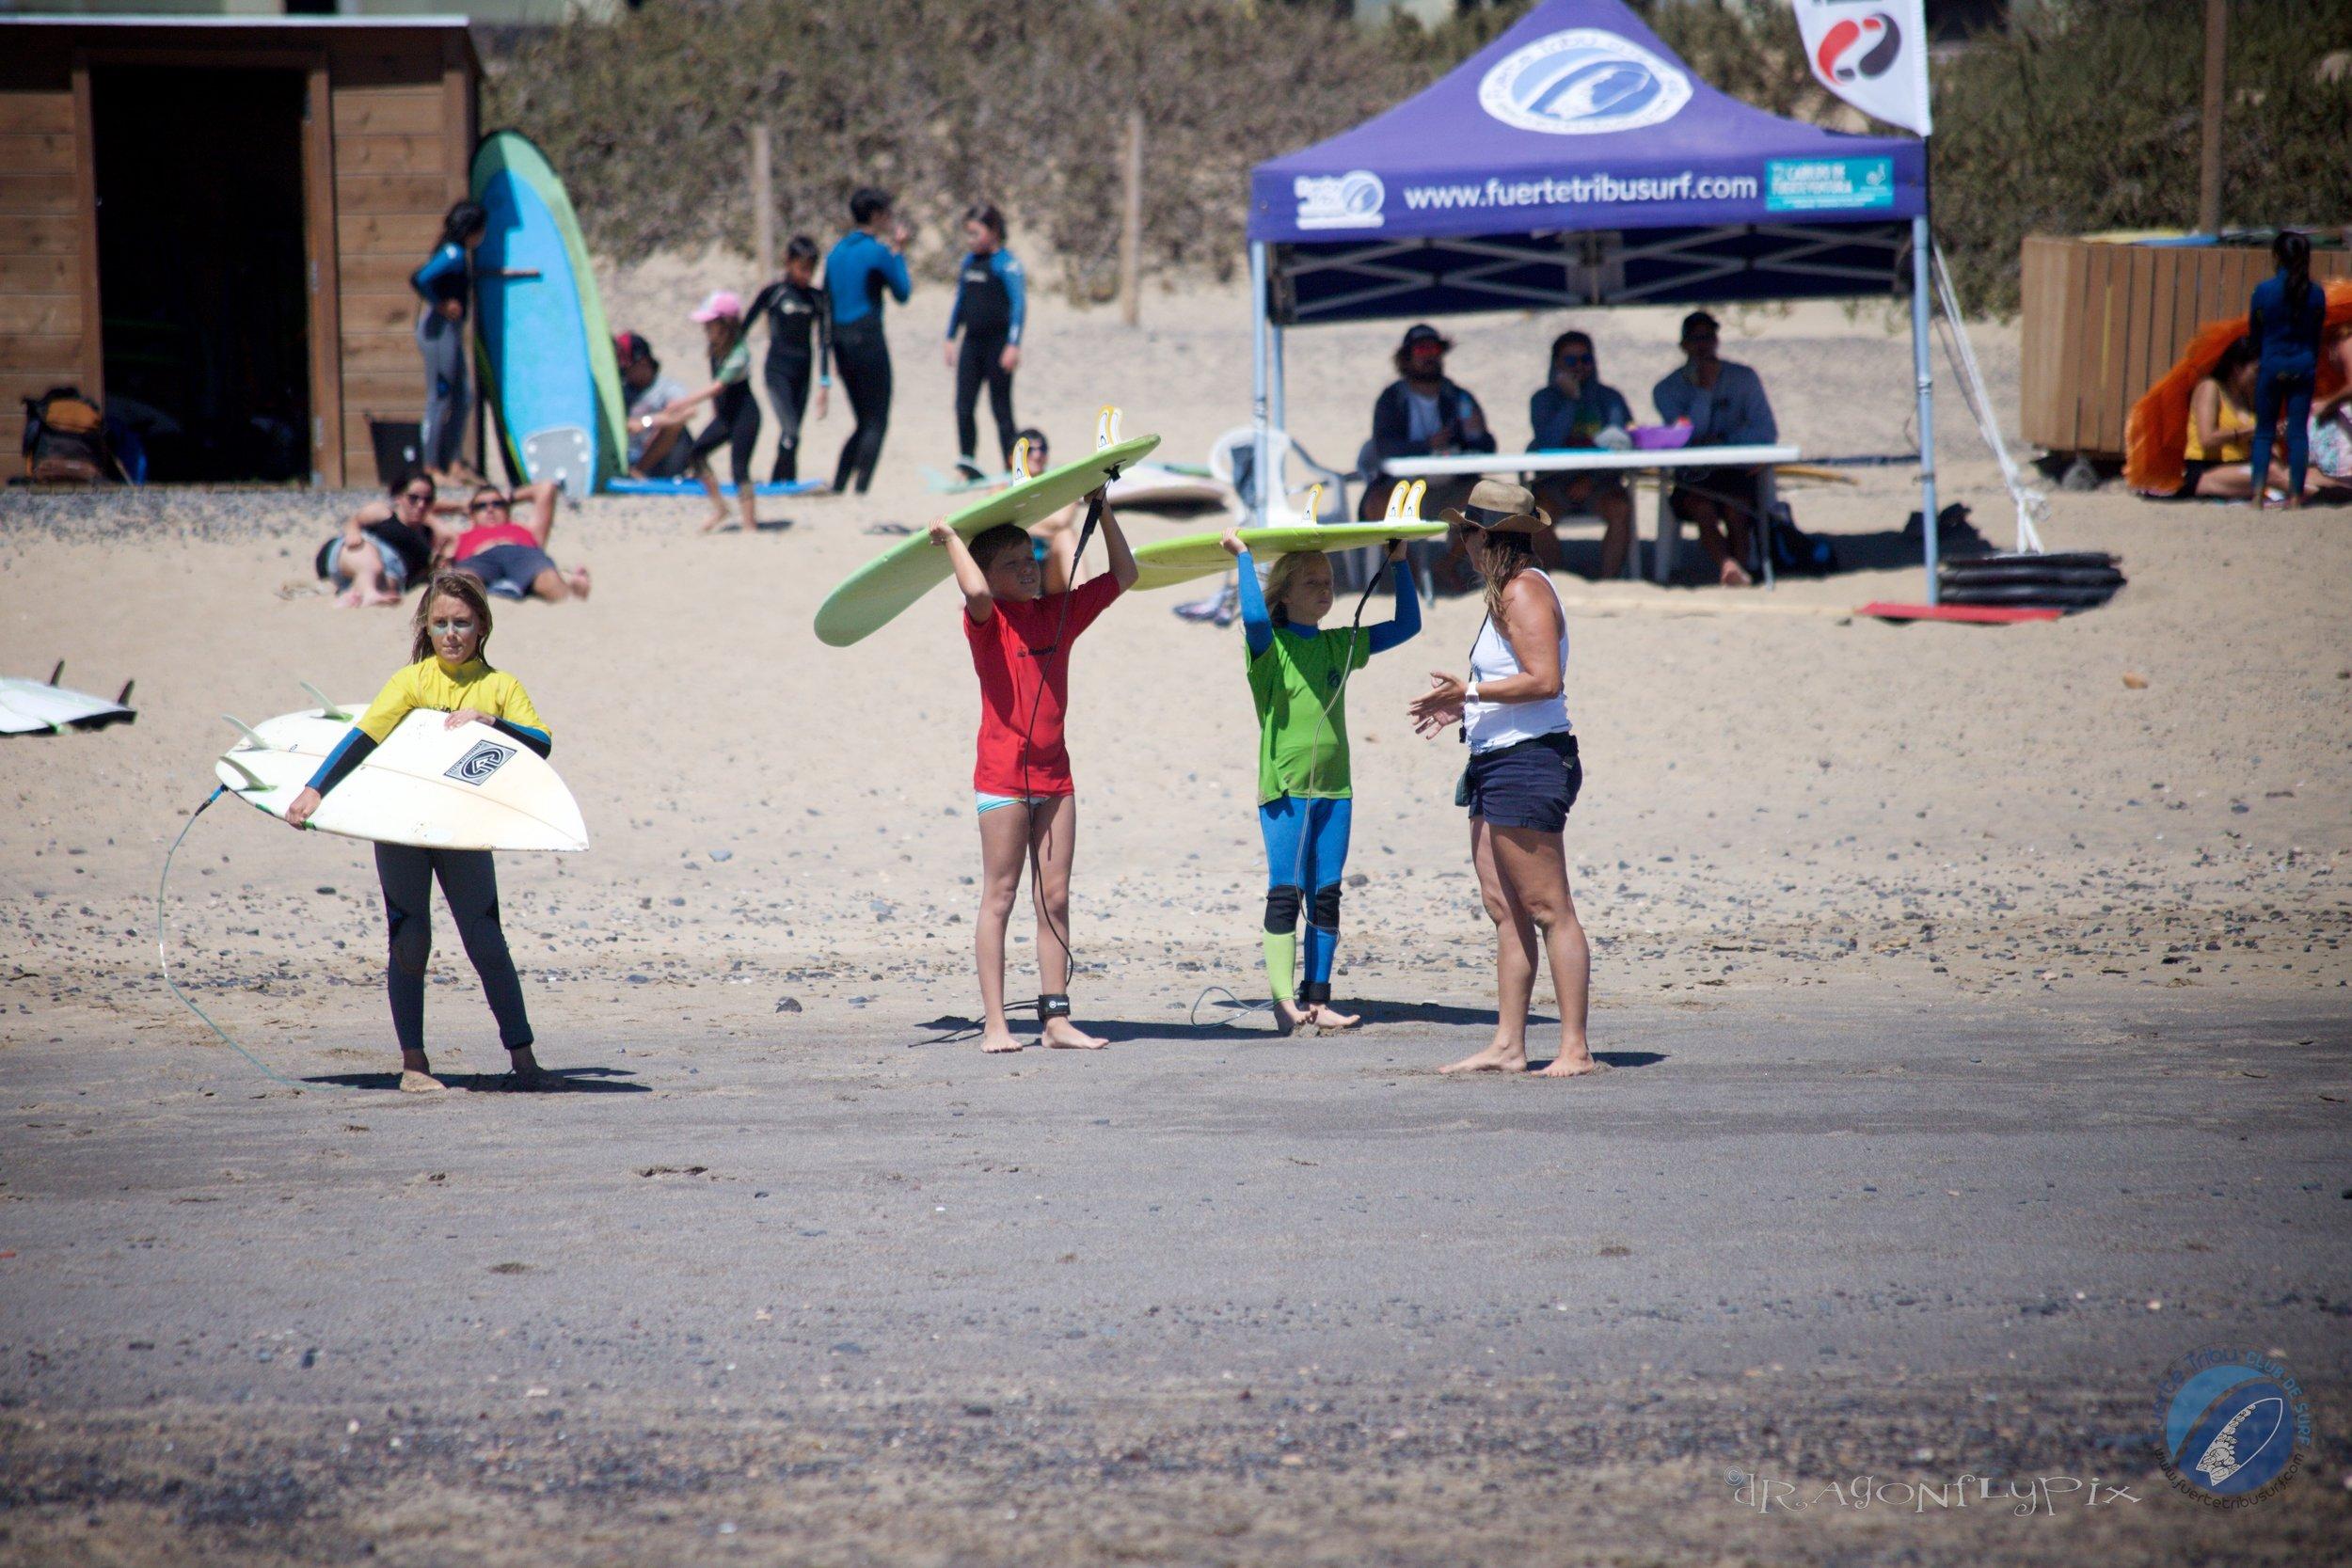 FUERTETRIBU_INTRACLUB_SURF_CAMPEONATO_KIDSIMG_0485.jpg